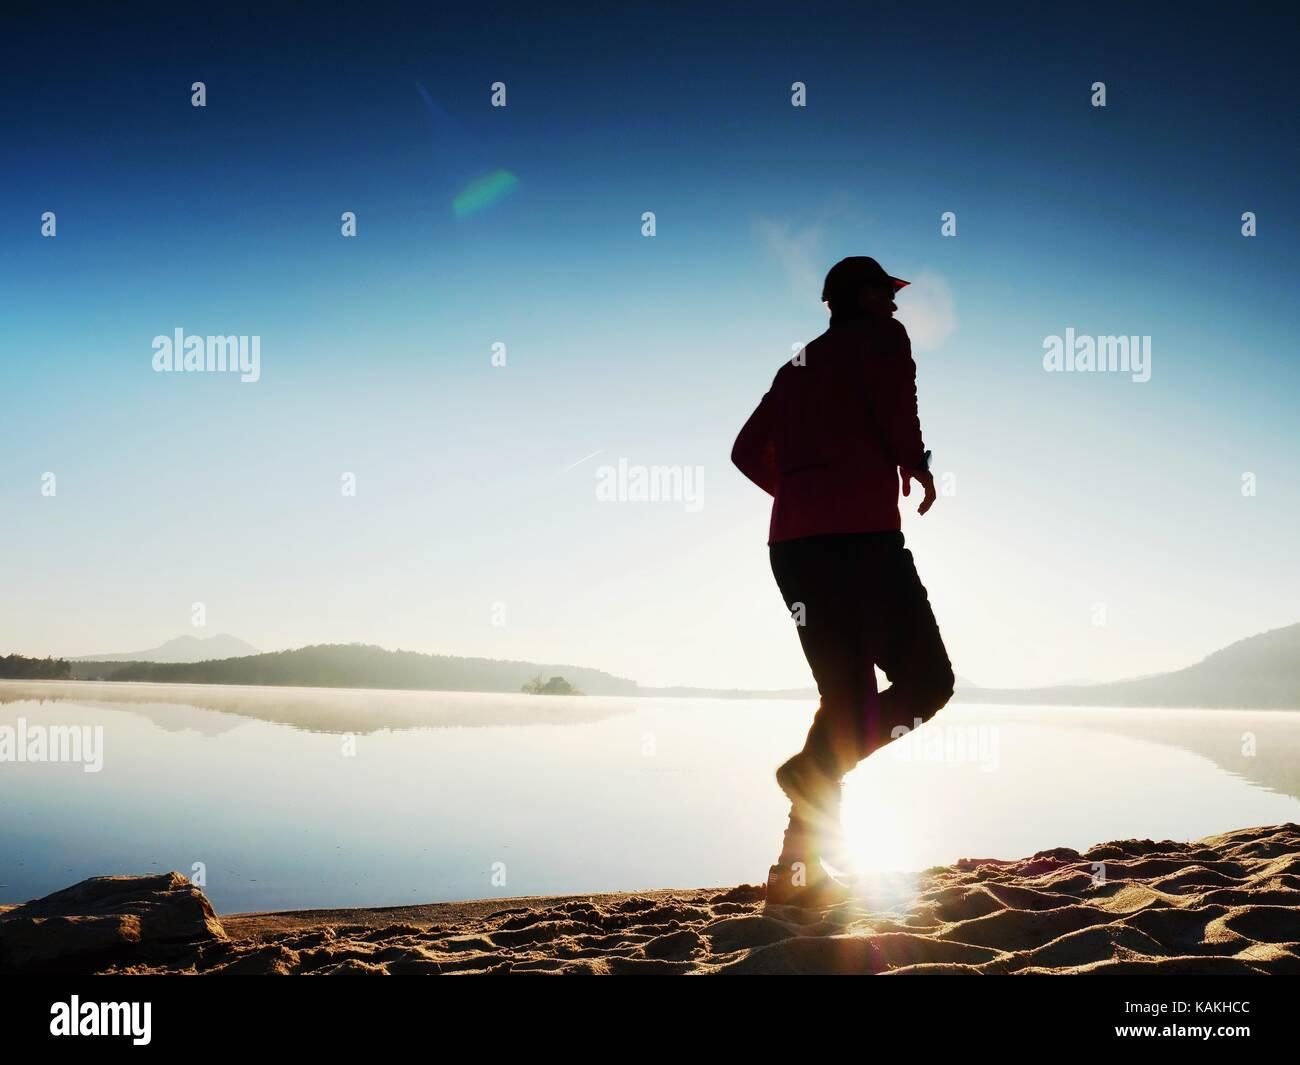 Hombre corriendo. boy corriendo rápidamente en la mañana playa. deportista runner, trotar guy durante Imagen De Stock